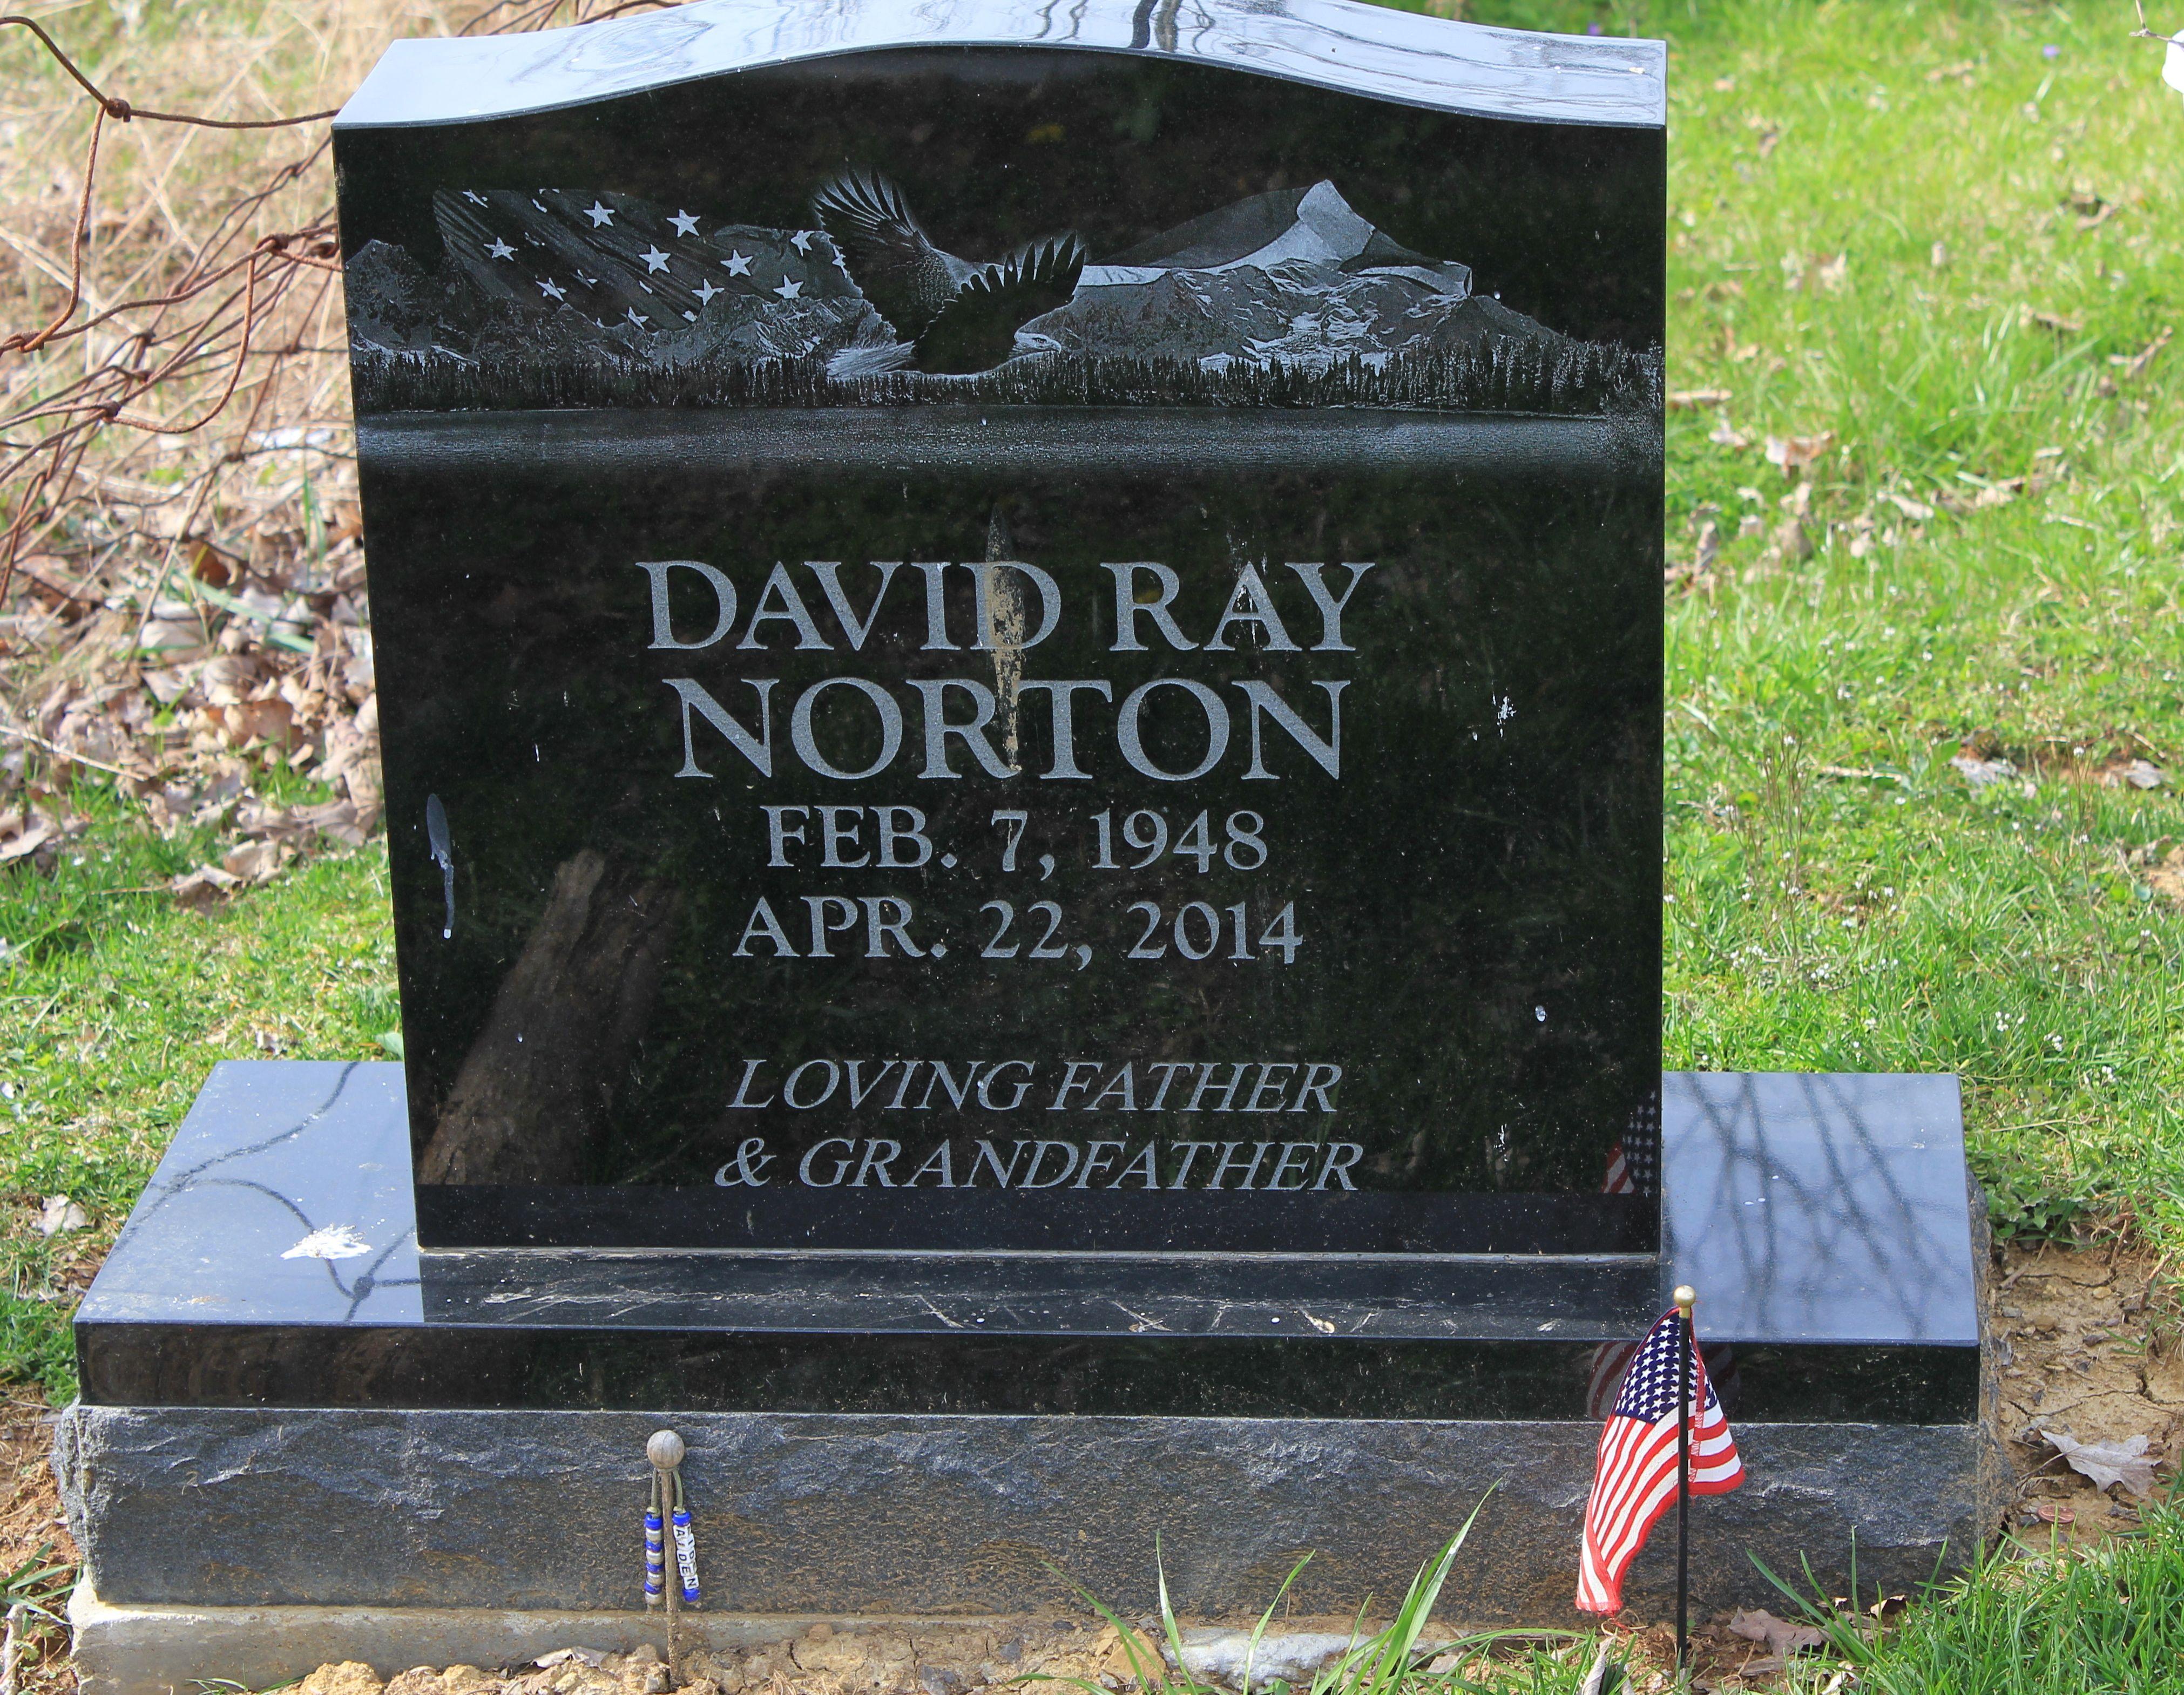 David Ray Norton